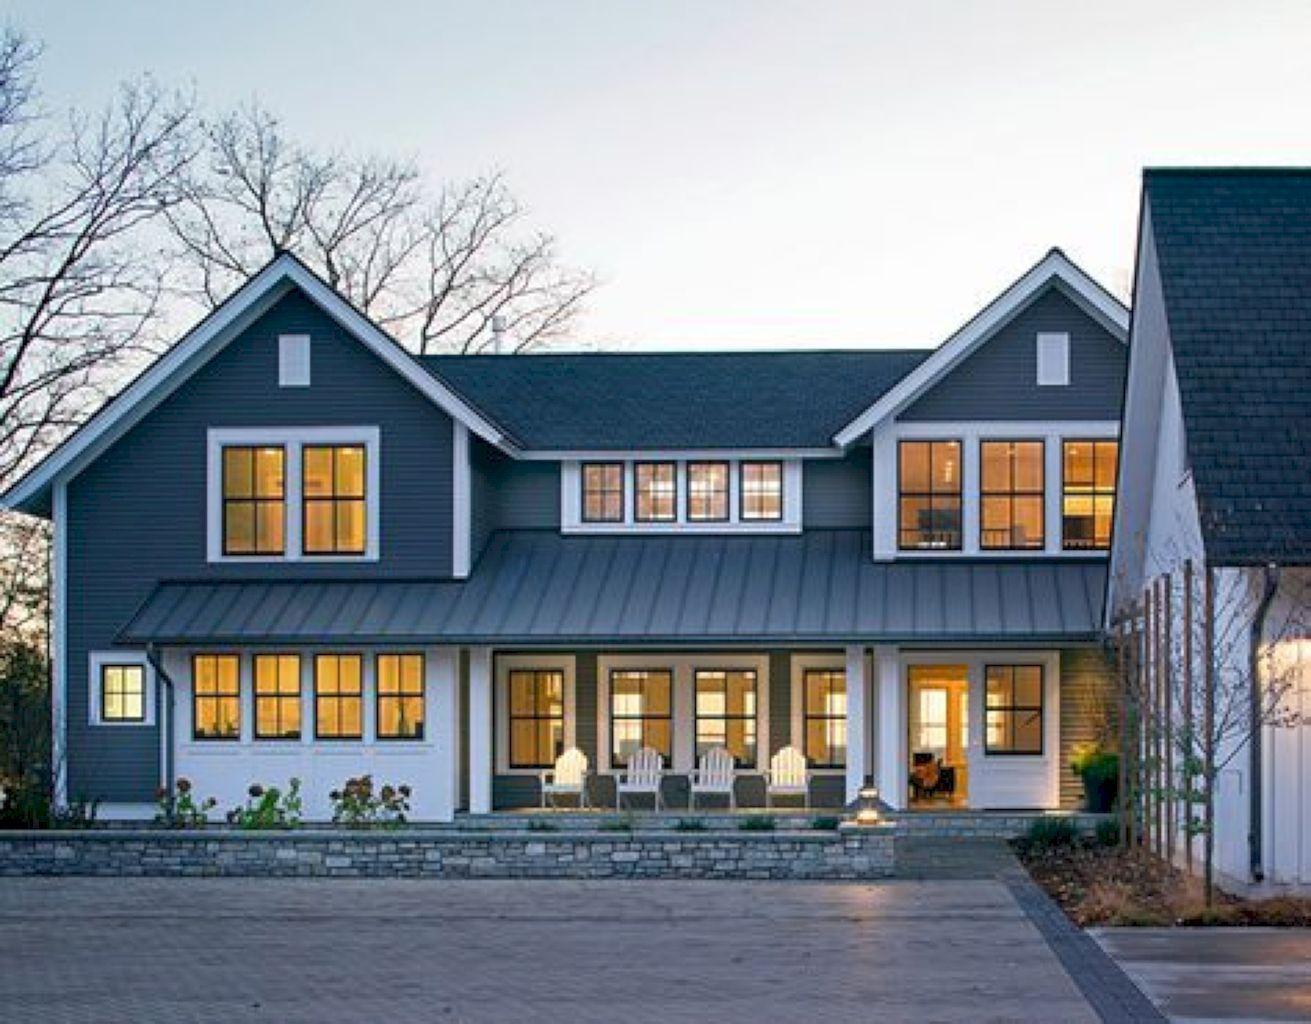 45 Farmhouse Home Exterior Design Ideas Ranch house